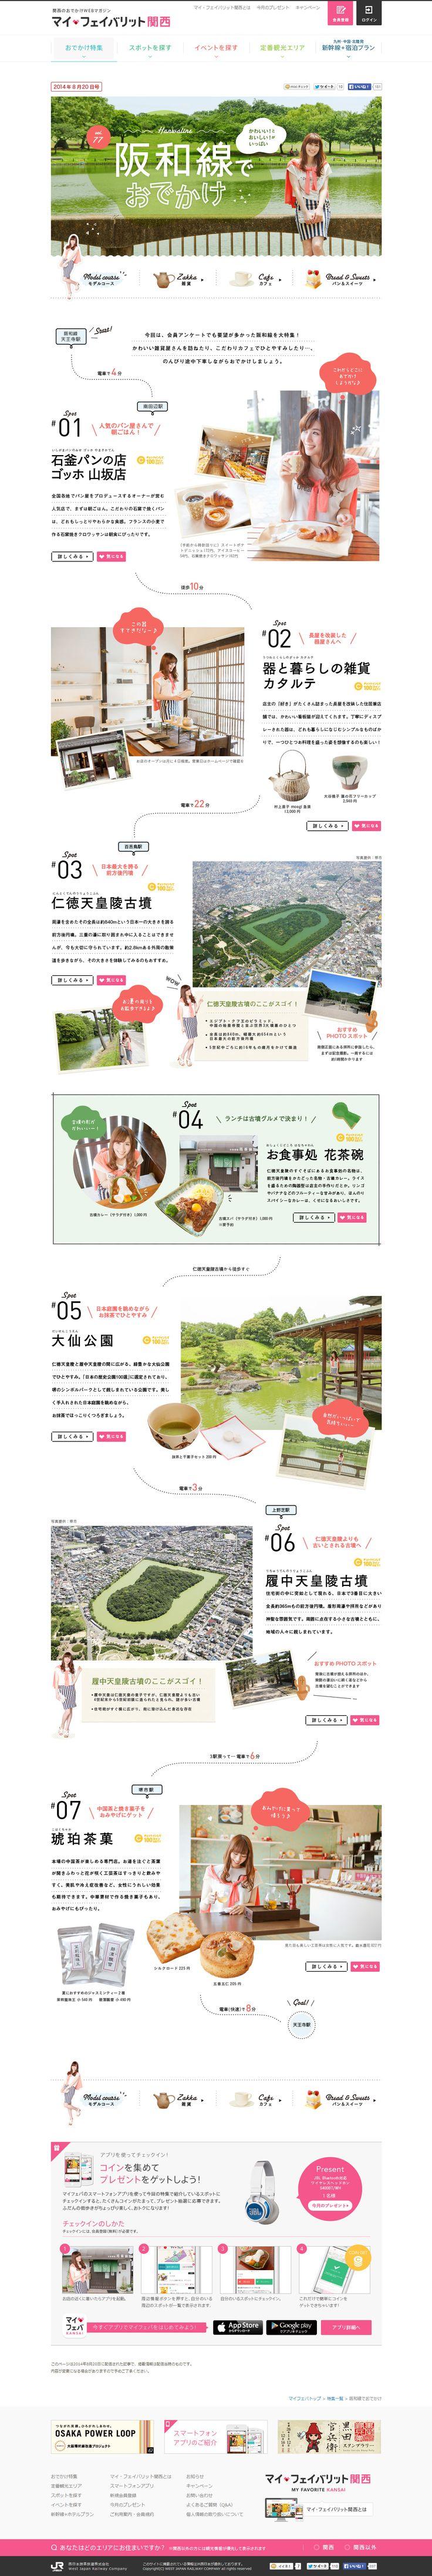 【特集Vol.77】阪和線でおでかけ:マイ・フェイバリット関西